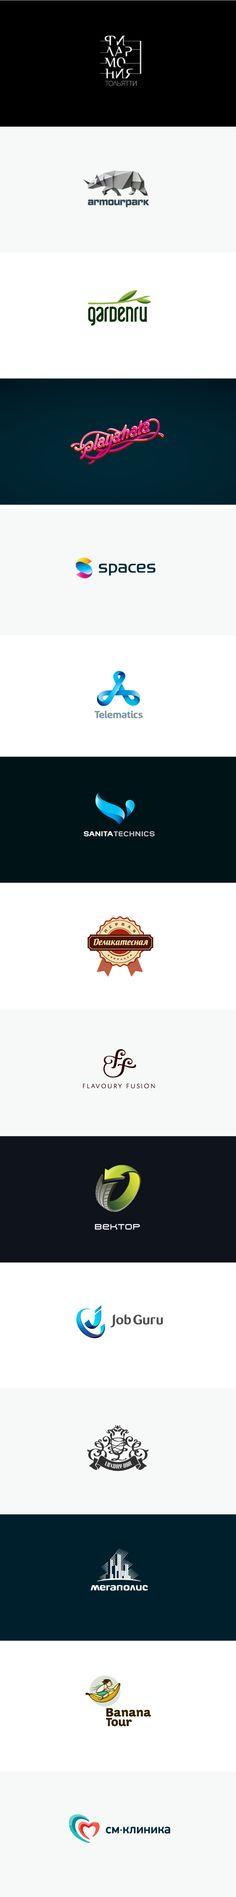 Logos by Igor Hrupin